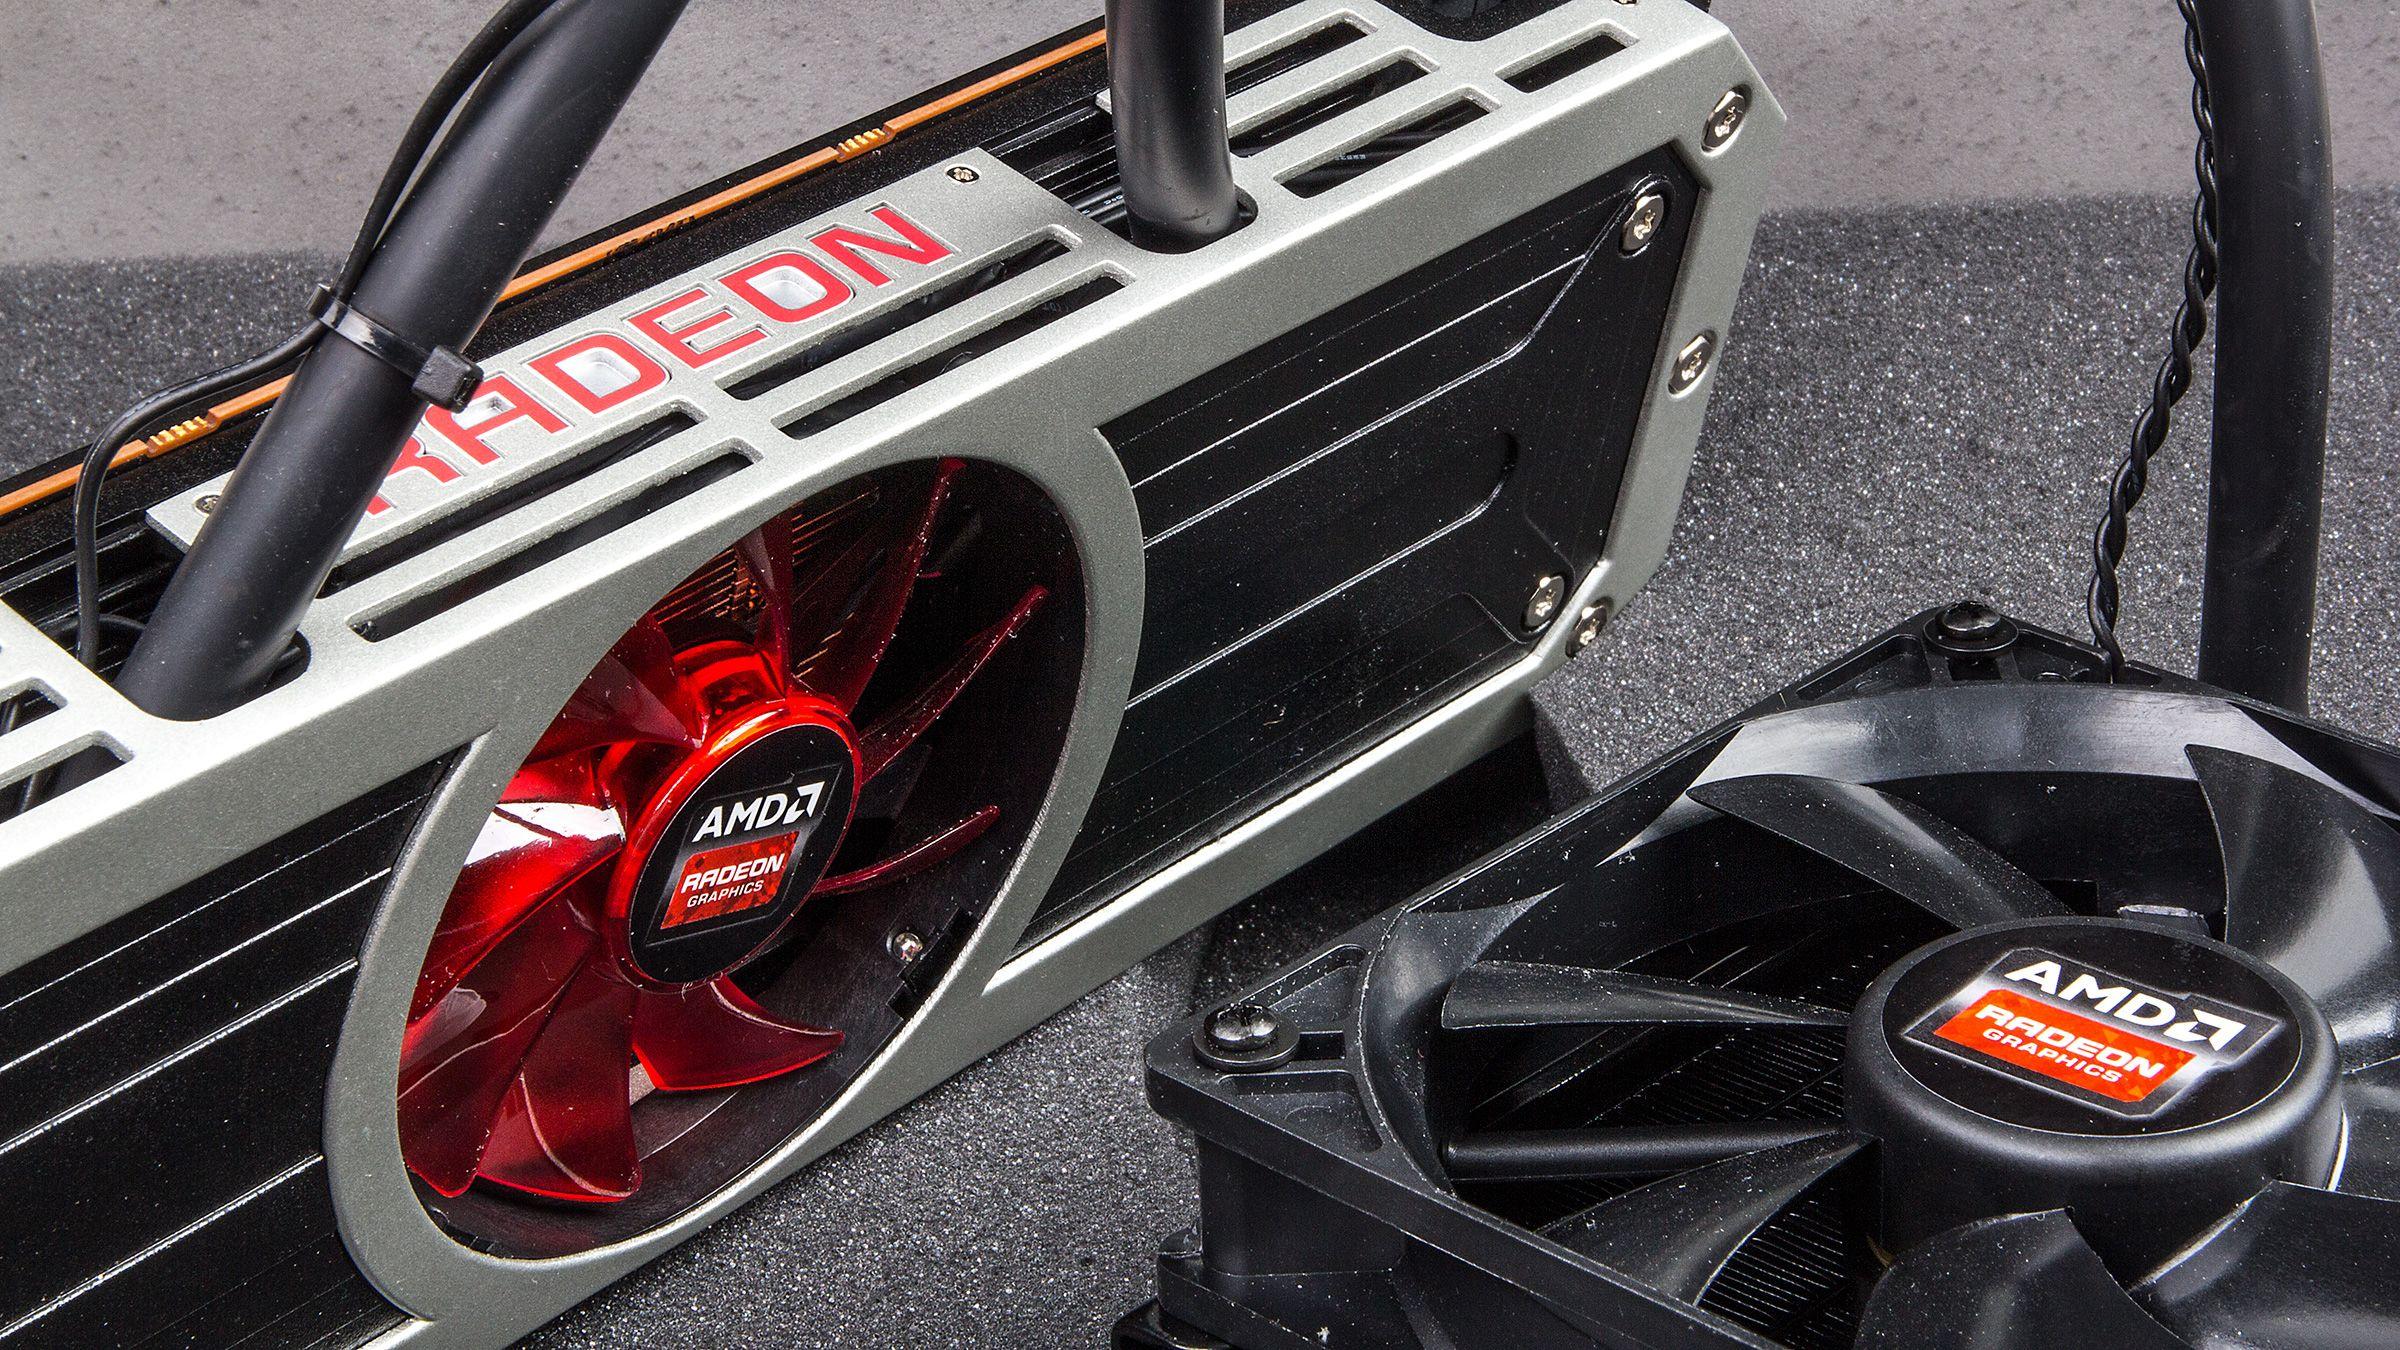 AMDs nyeste toppmodell har to kjerner, vifte og radiator montert fra fabrikken.Foto: Varg Aamo, Hardware.no